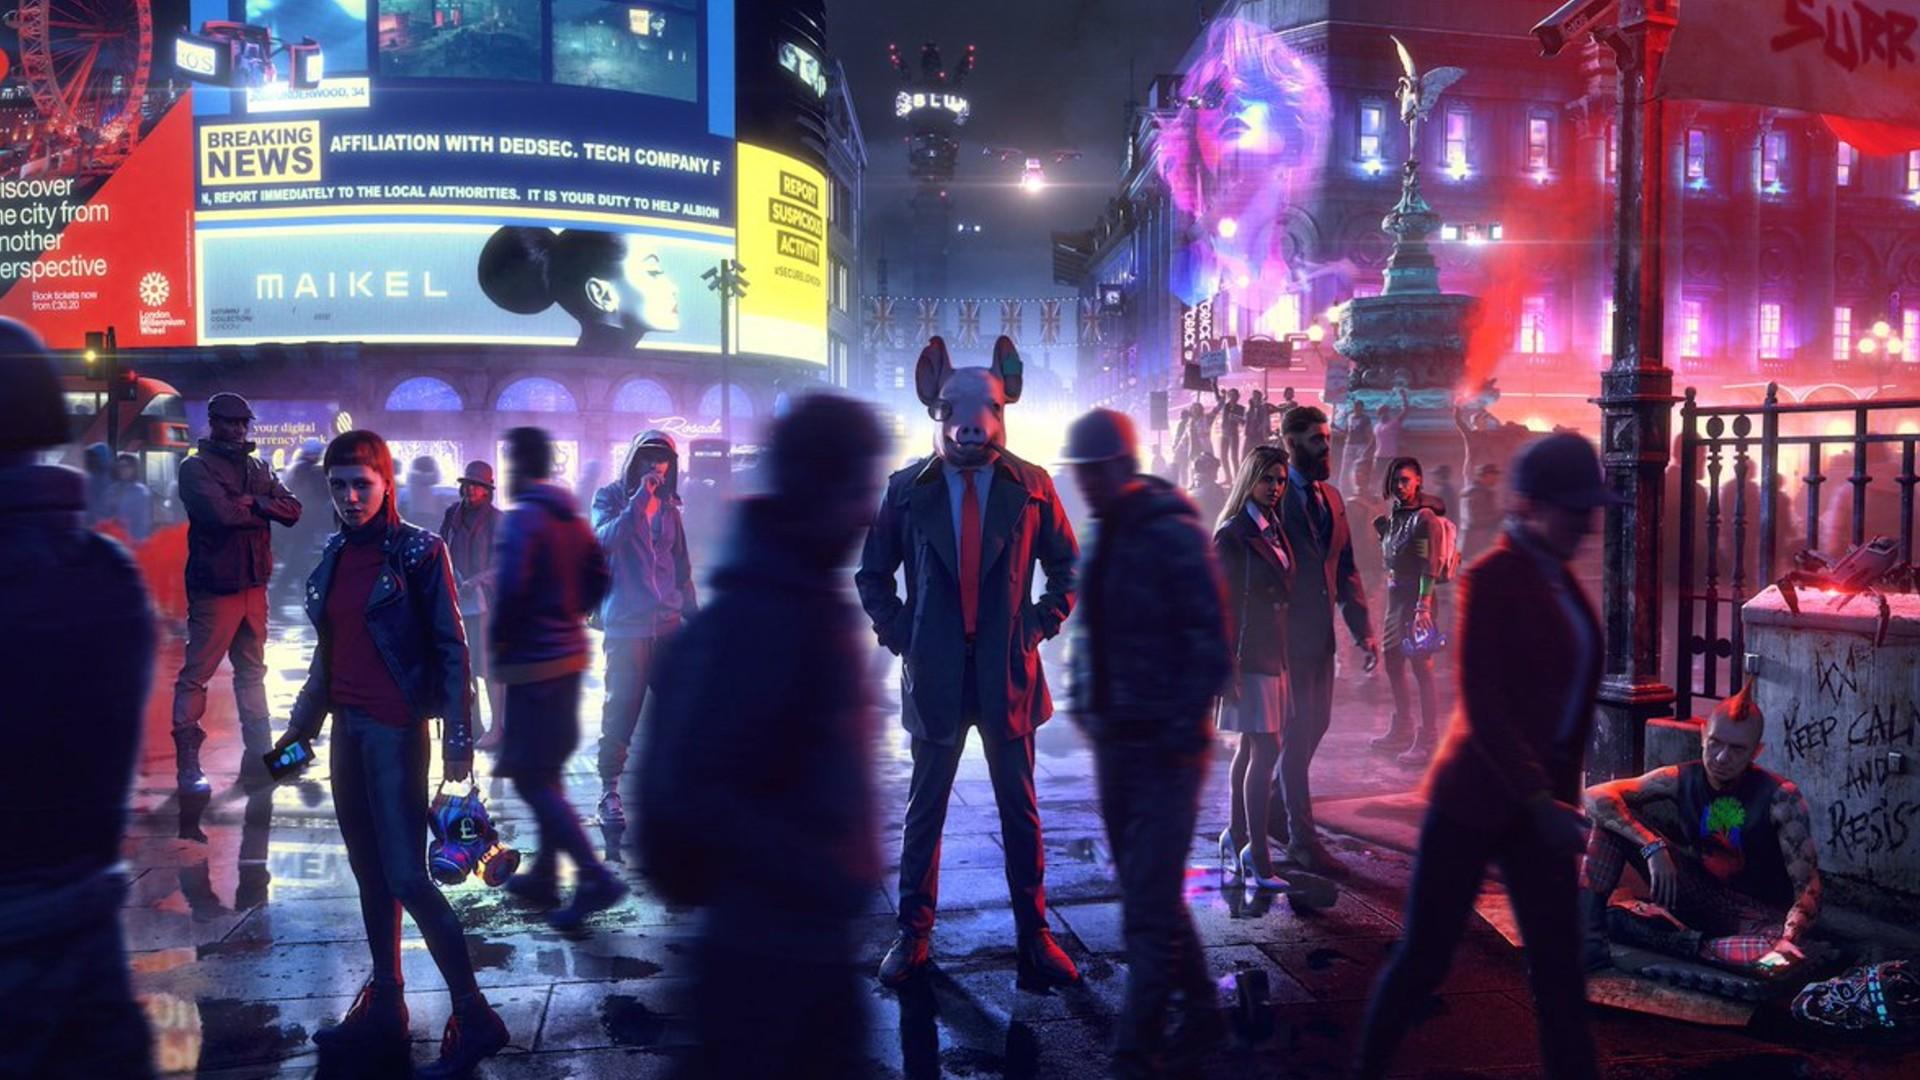 Le futur de Watch Dogs Legion n'est pas si dystopique: la solution, ce sont les joueurs et joueuses